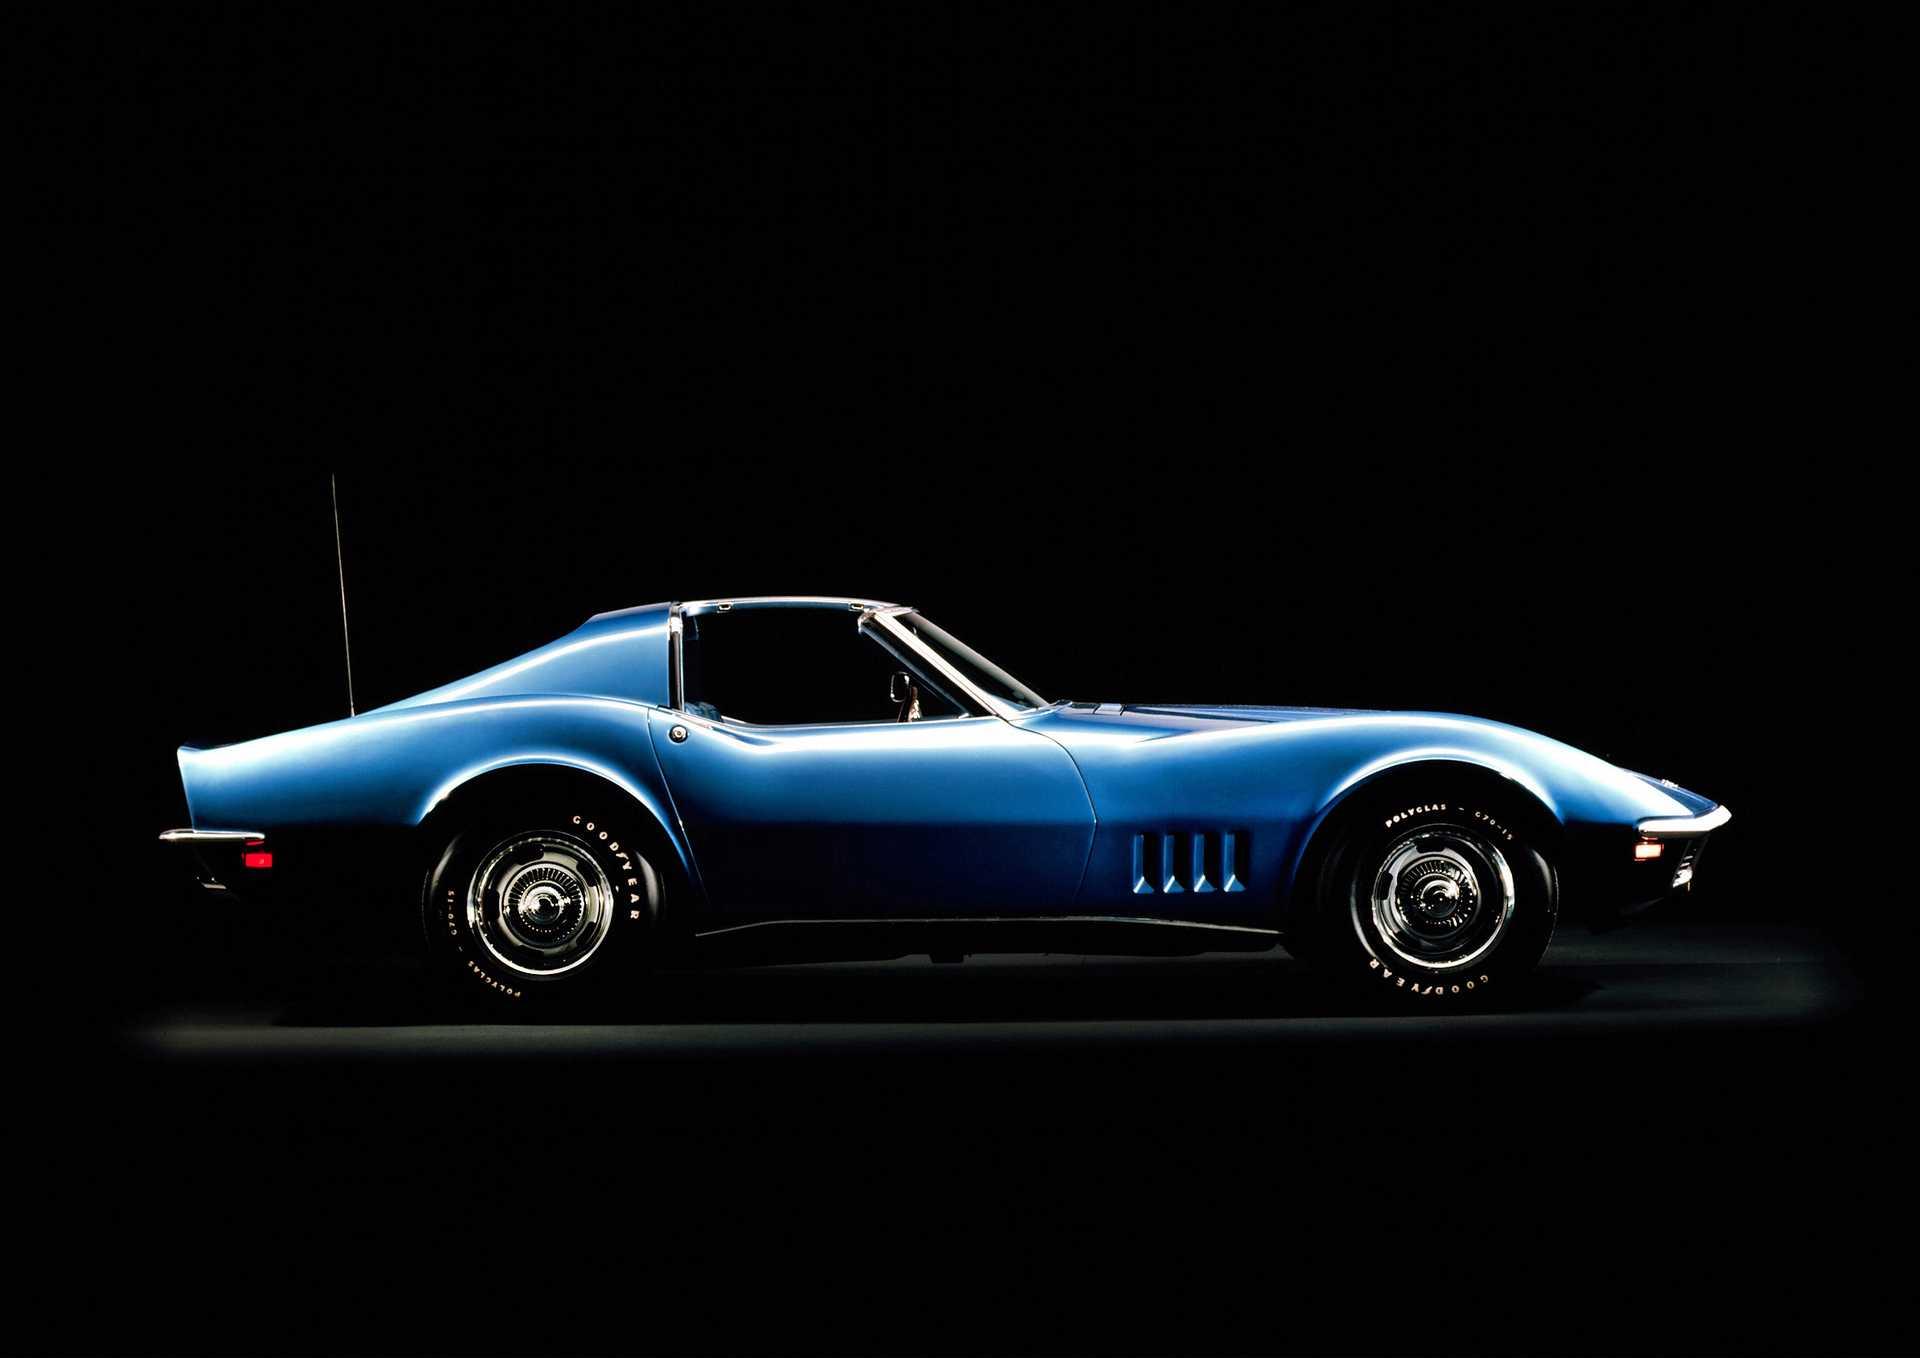 [Image: chevrolet-corvette-side-0-351518.jpg]